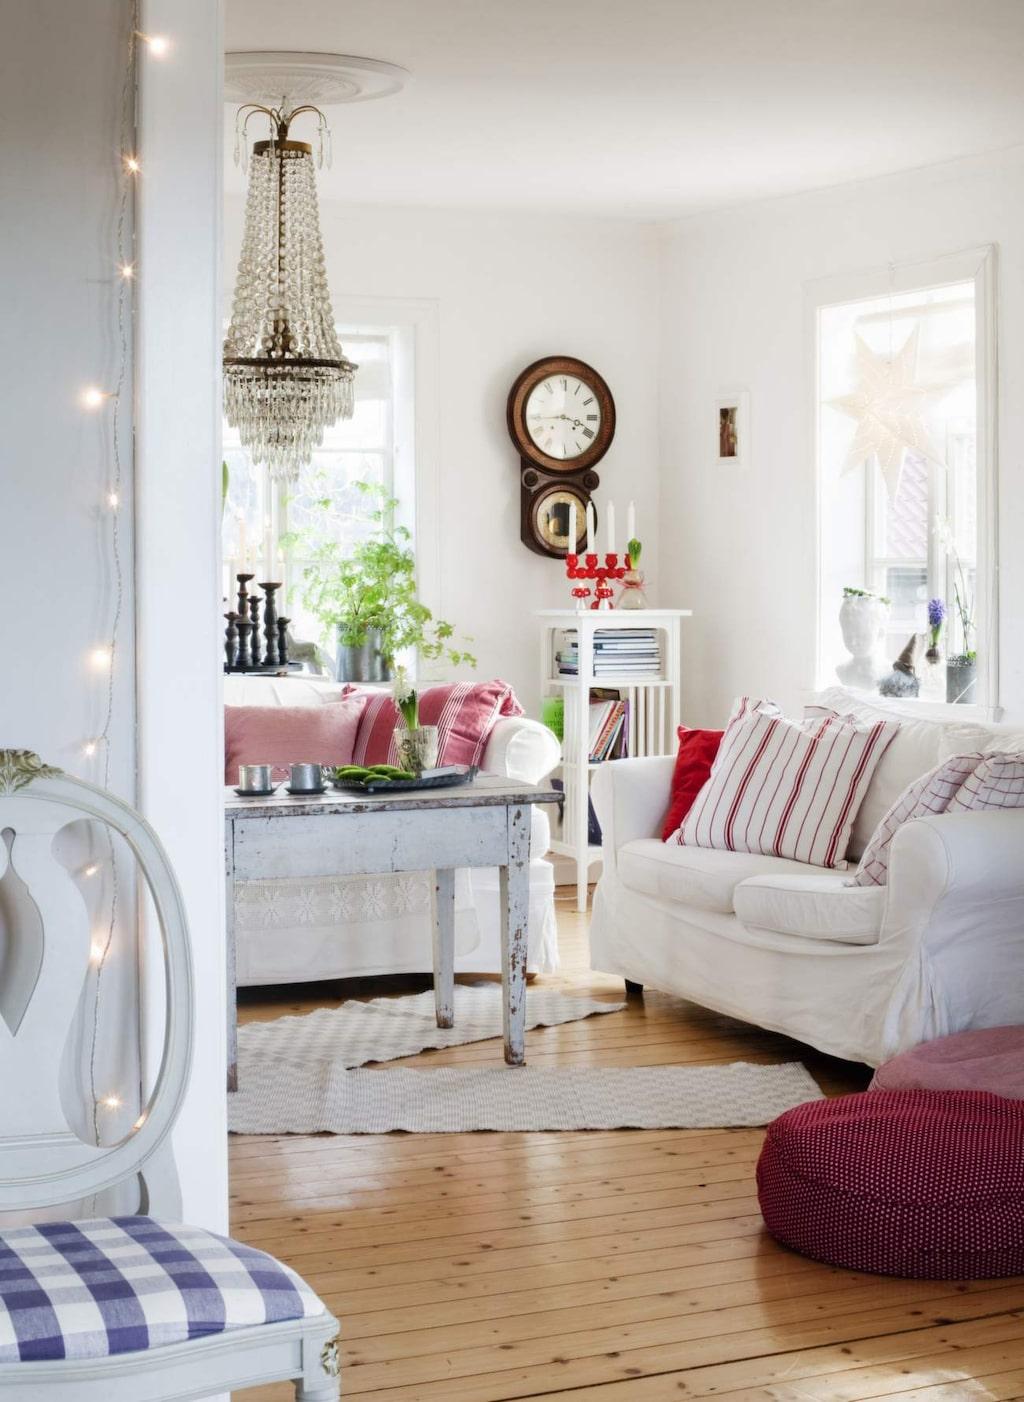 Det juligt röda är vackert mot det vita. Sofforna kommer från Ikea, kuddar, mattor och sittpuff från Utängs antik. Klockan är från Lindas farföräldrars hem. Den enkla ljusslingan vid dörrposten skapar stämning oavsett årstid.